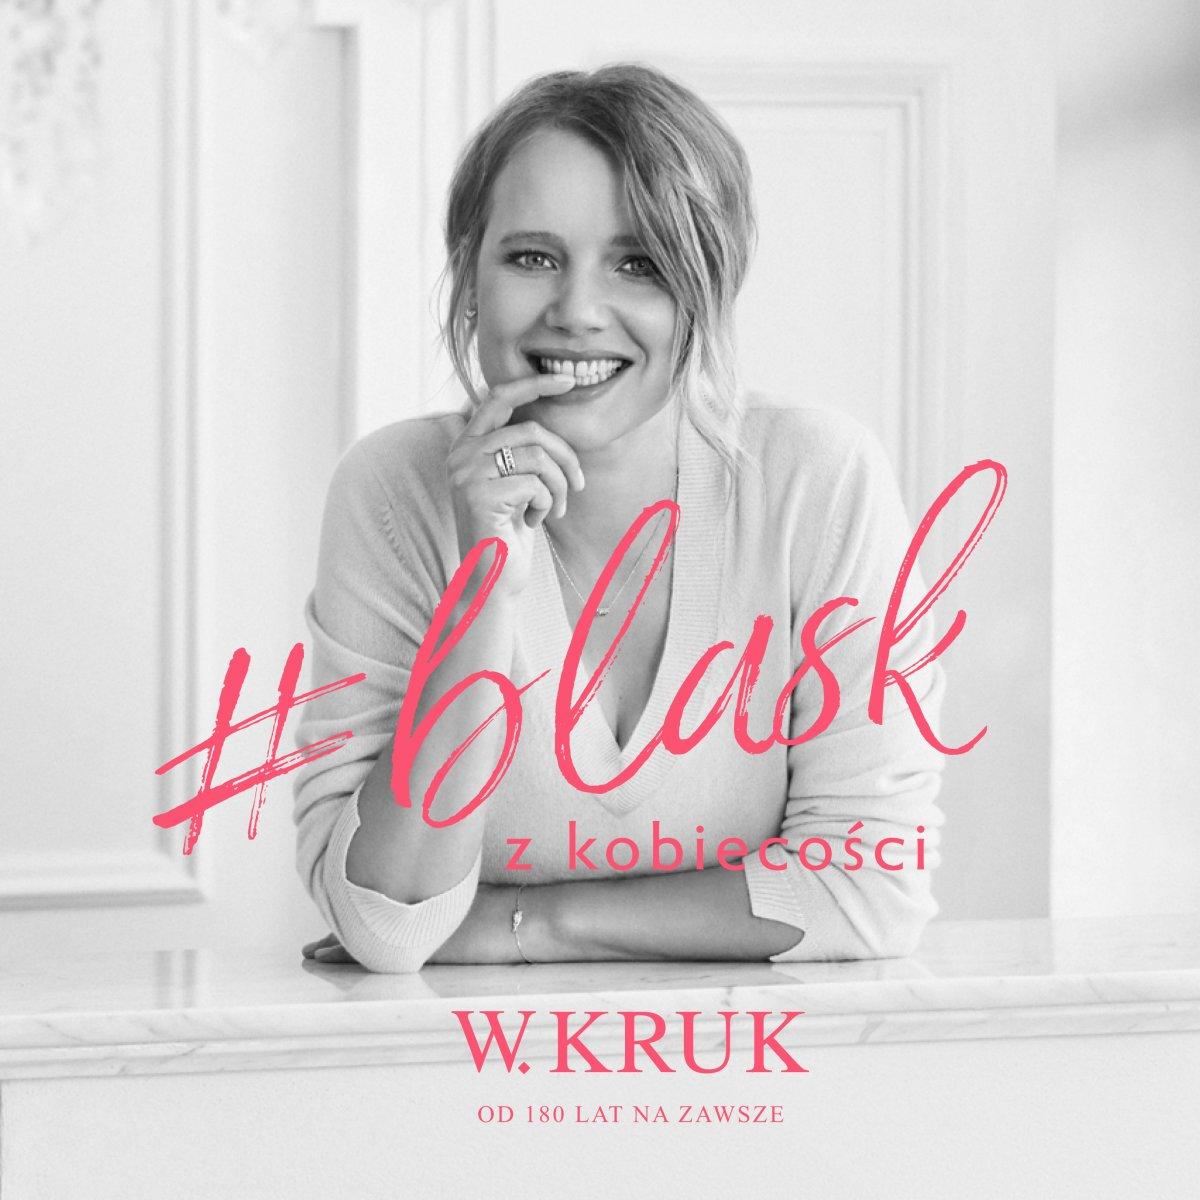 Gazetka W.KRUK - Katalog Kolekcji #blask